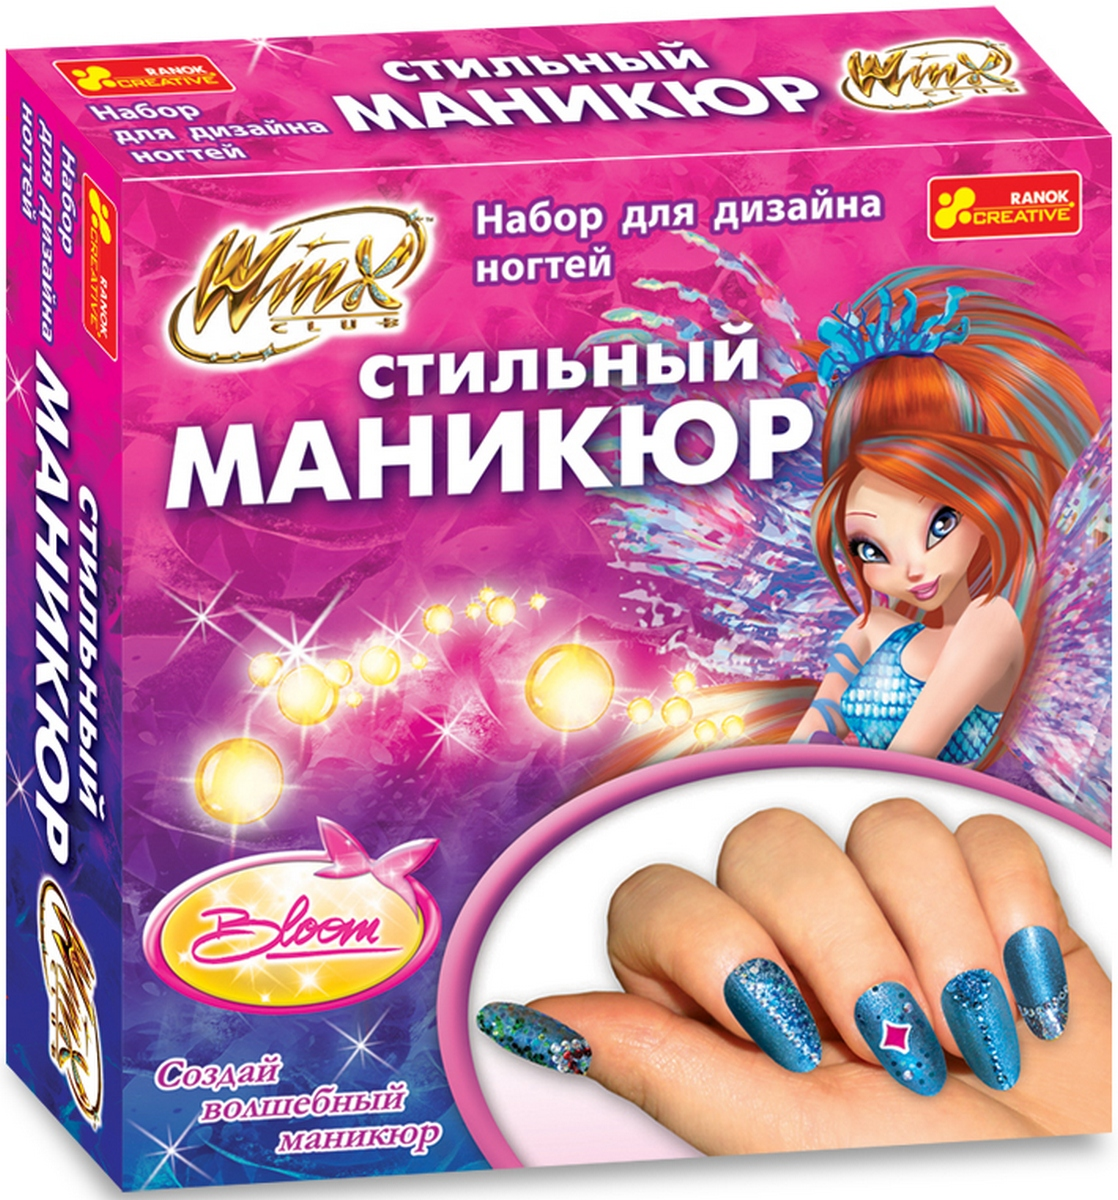 Набор для дизайна ногтей 1 1 в подарок